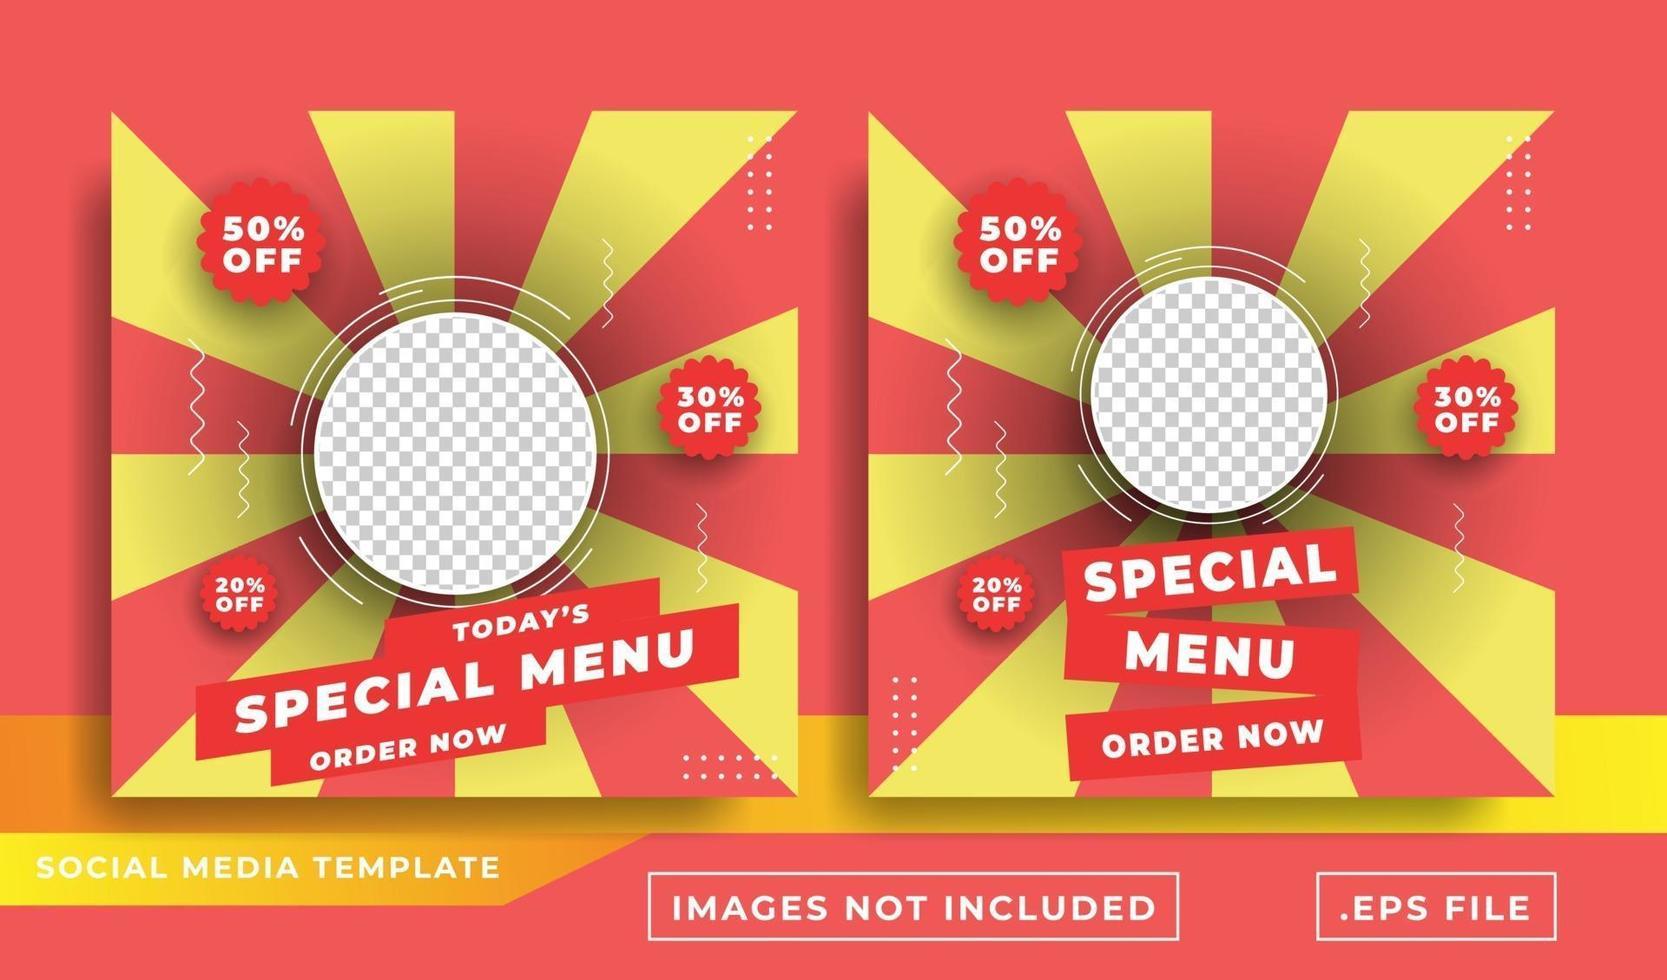 modelo de design de postagem de banner de promoção de mídia social de alimentos vetor